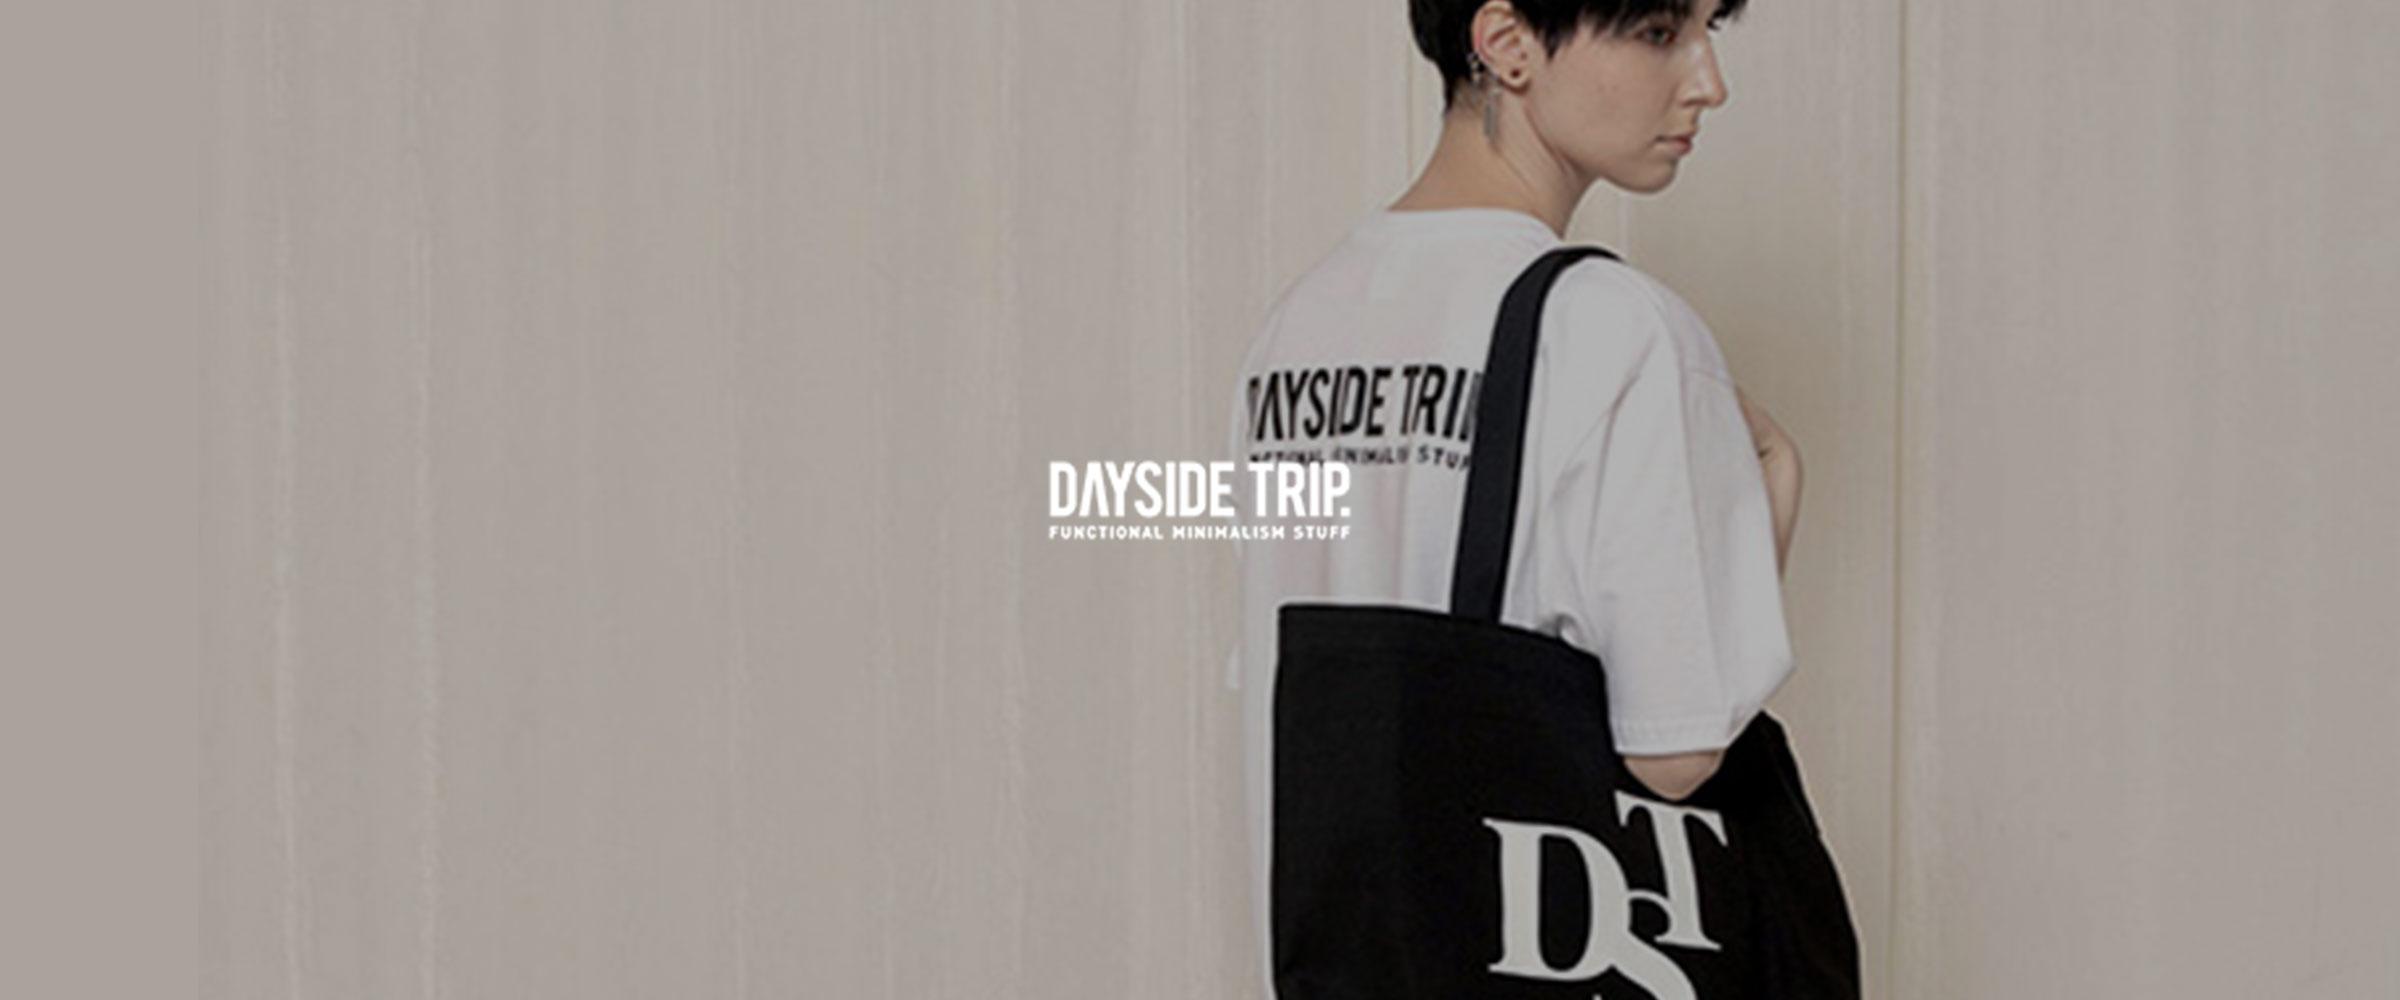 daysidetrip.jpg